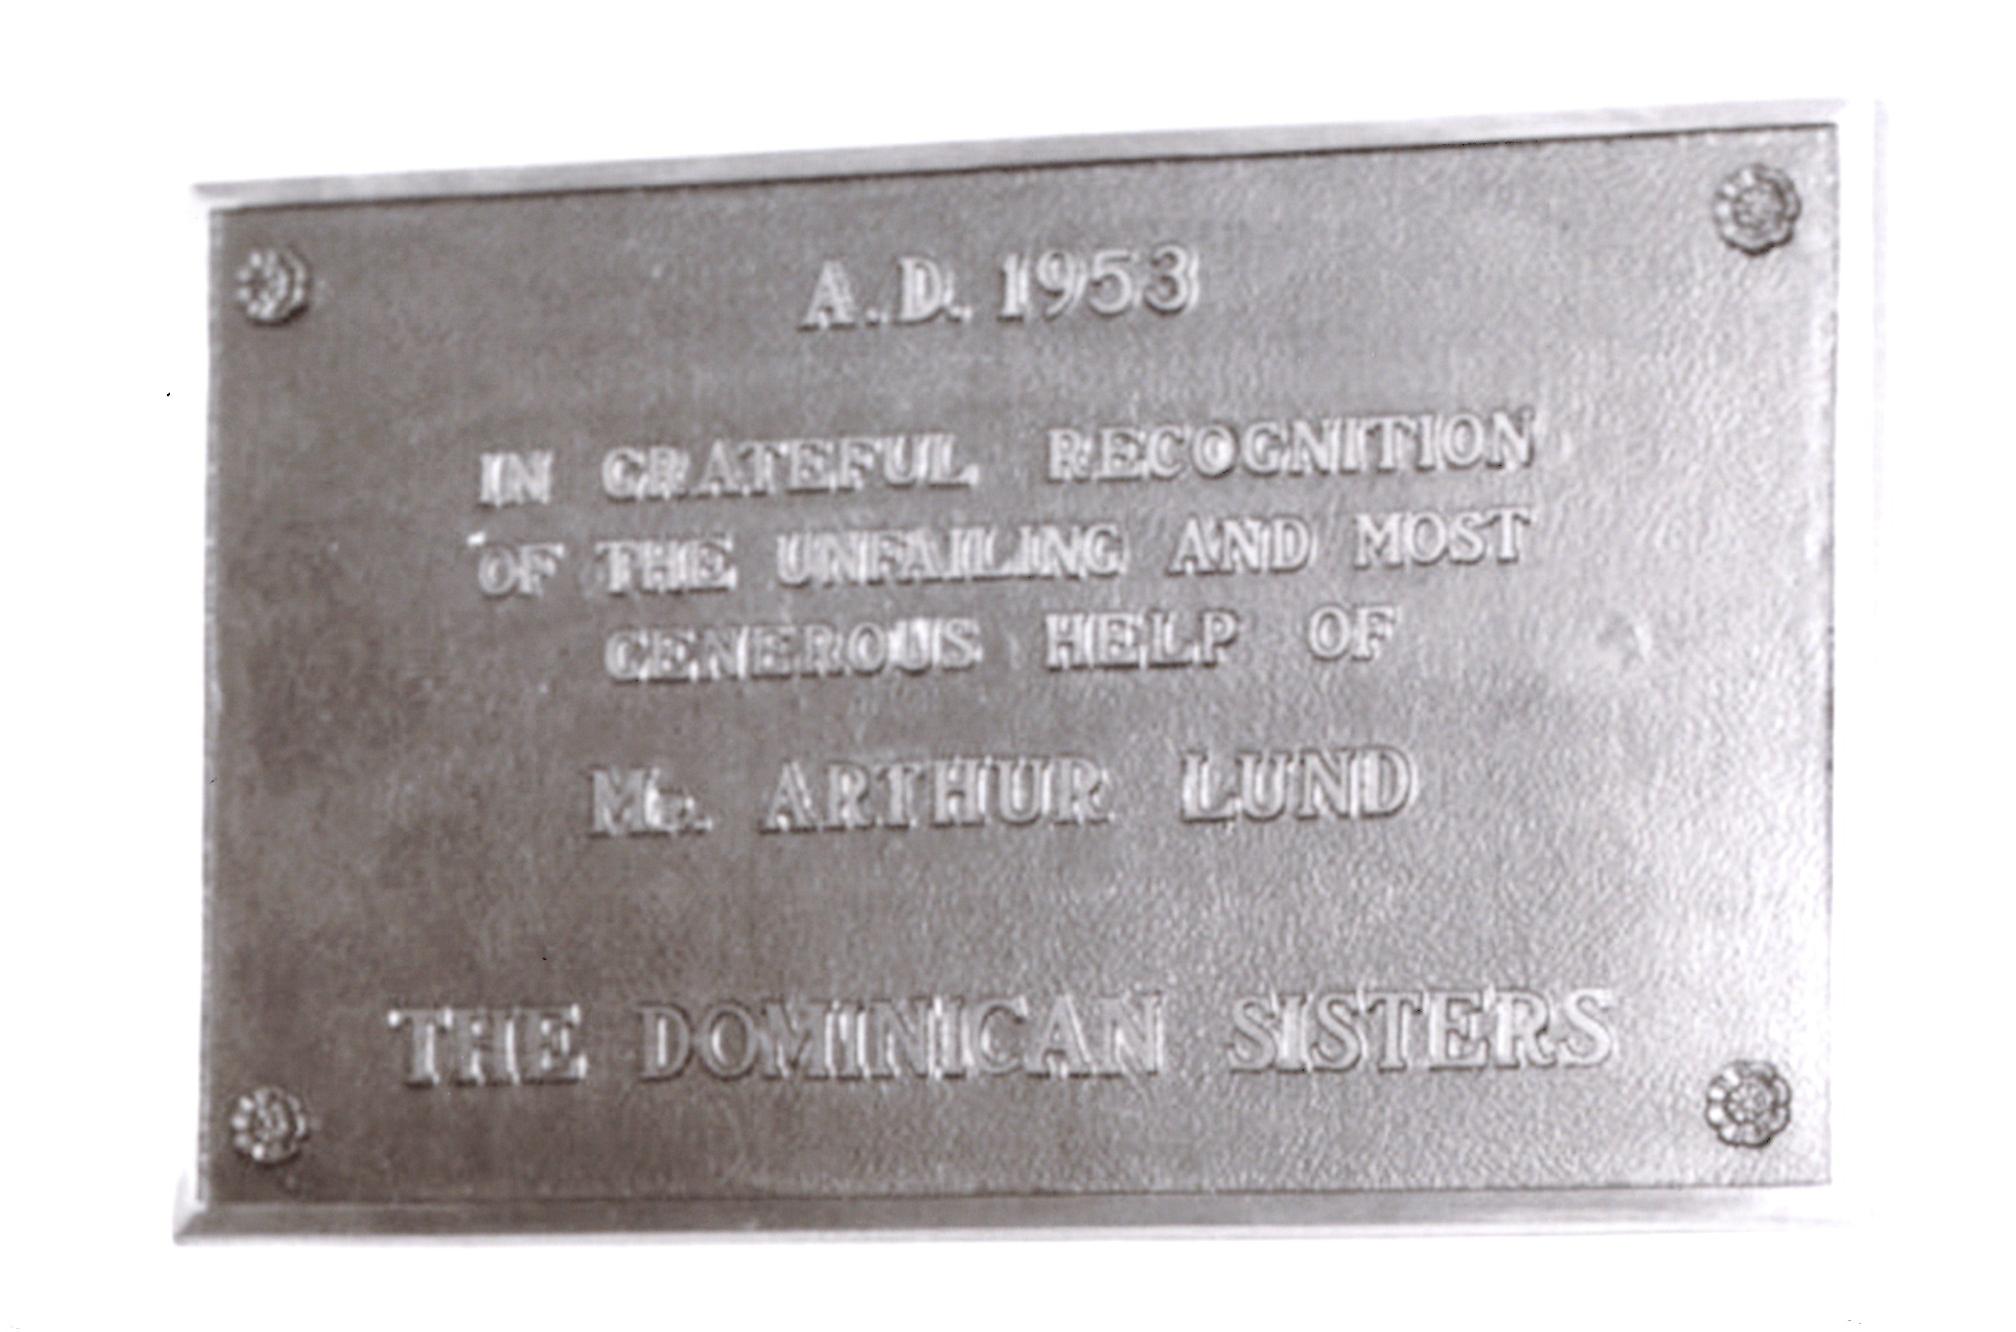 StMartins_plaque.jpg